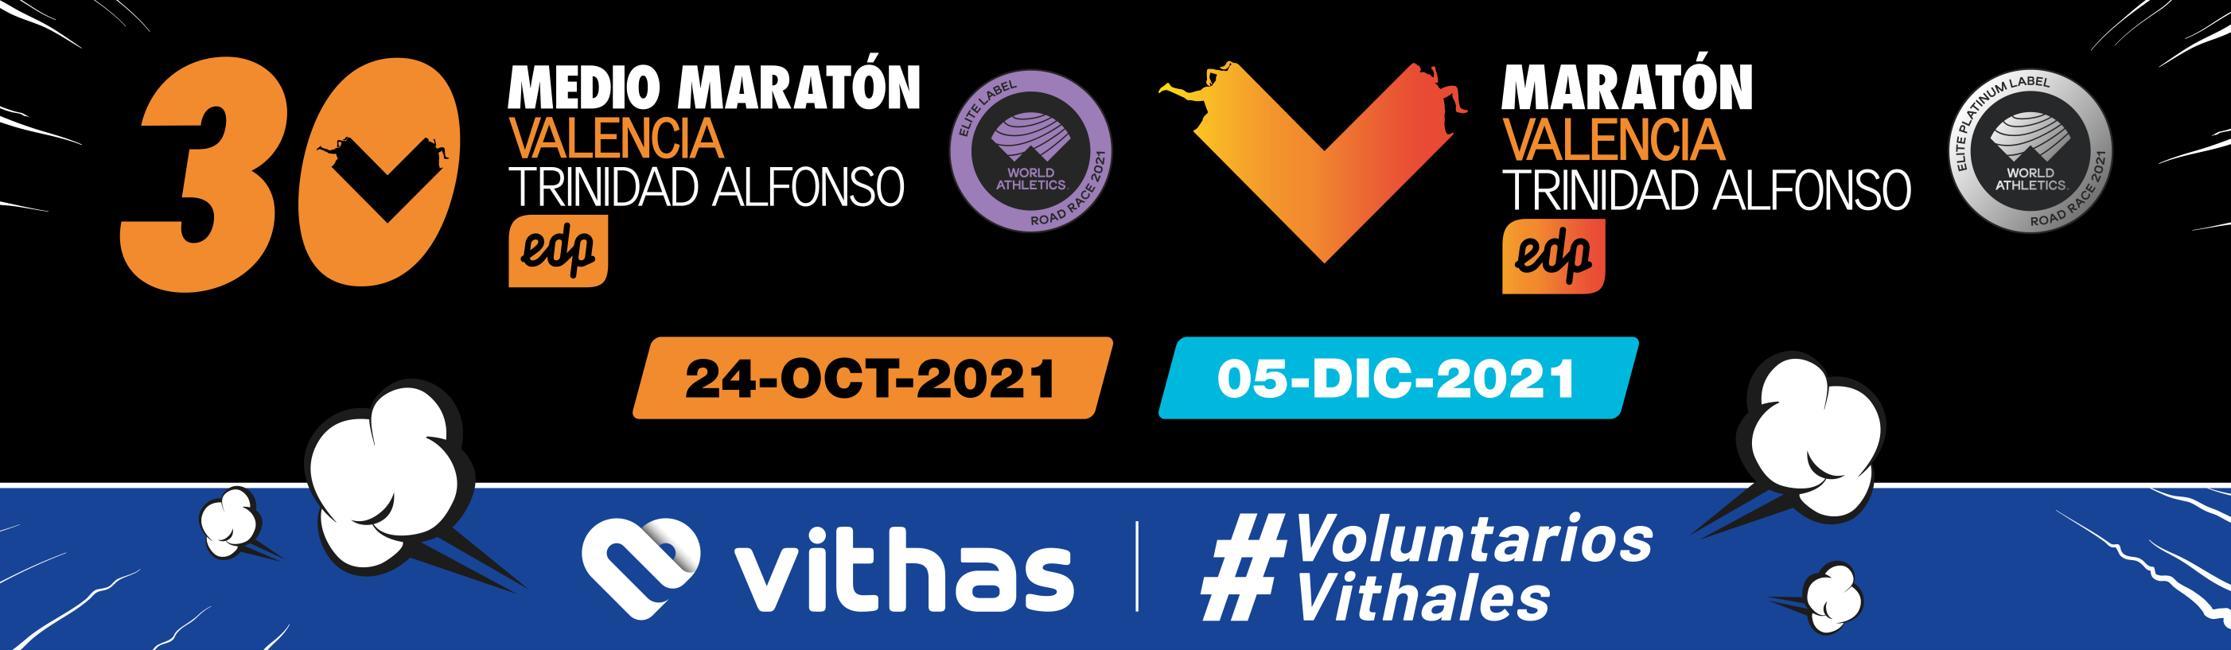 Medio Maratón Valencia Trinidad Alfonso edp